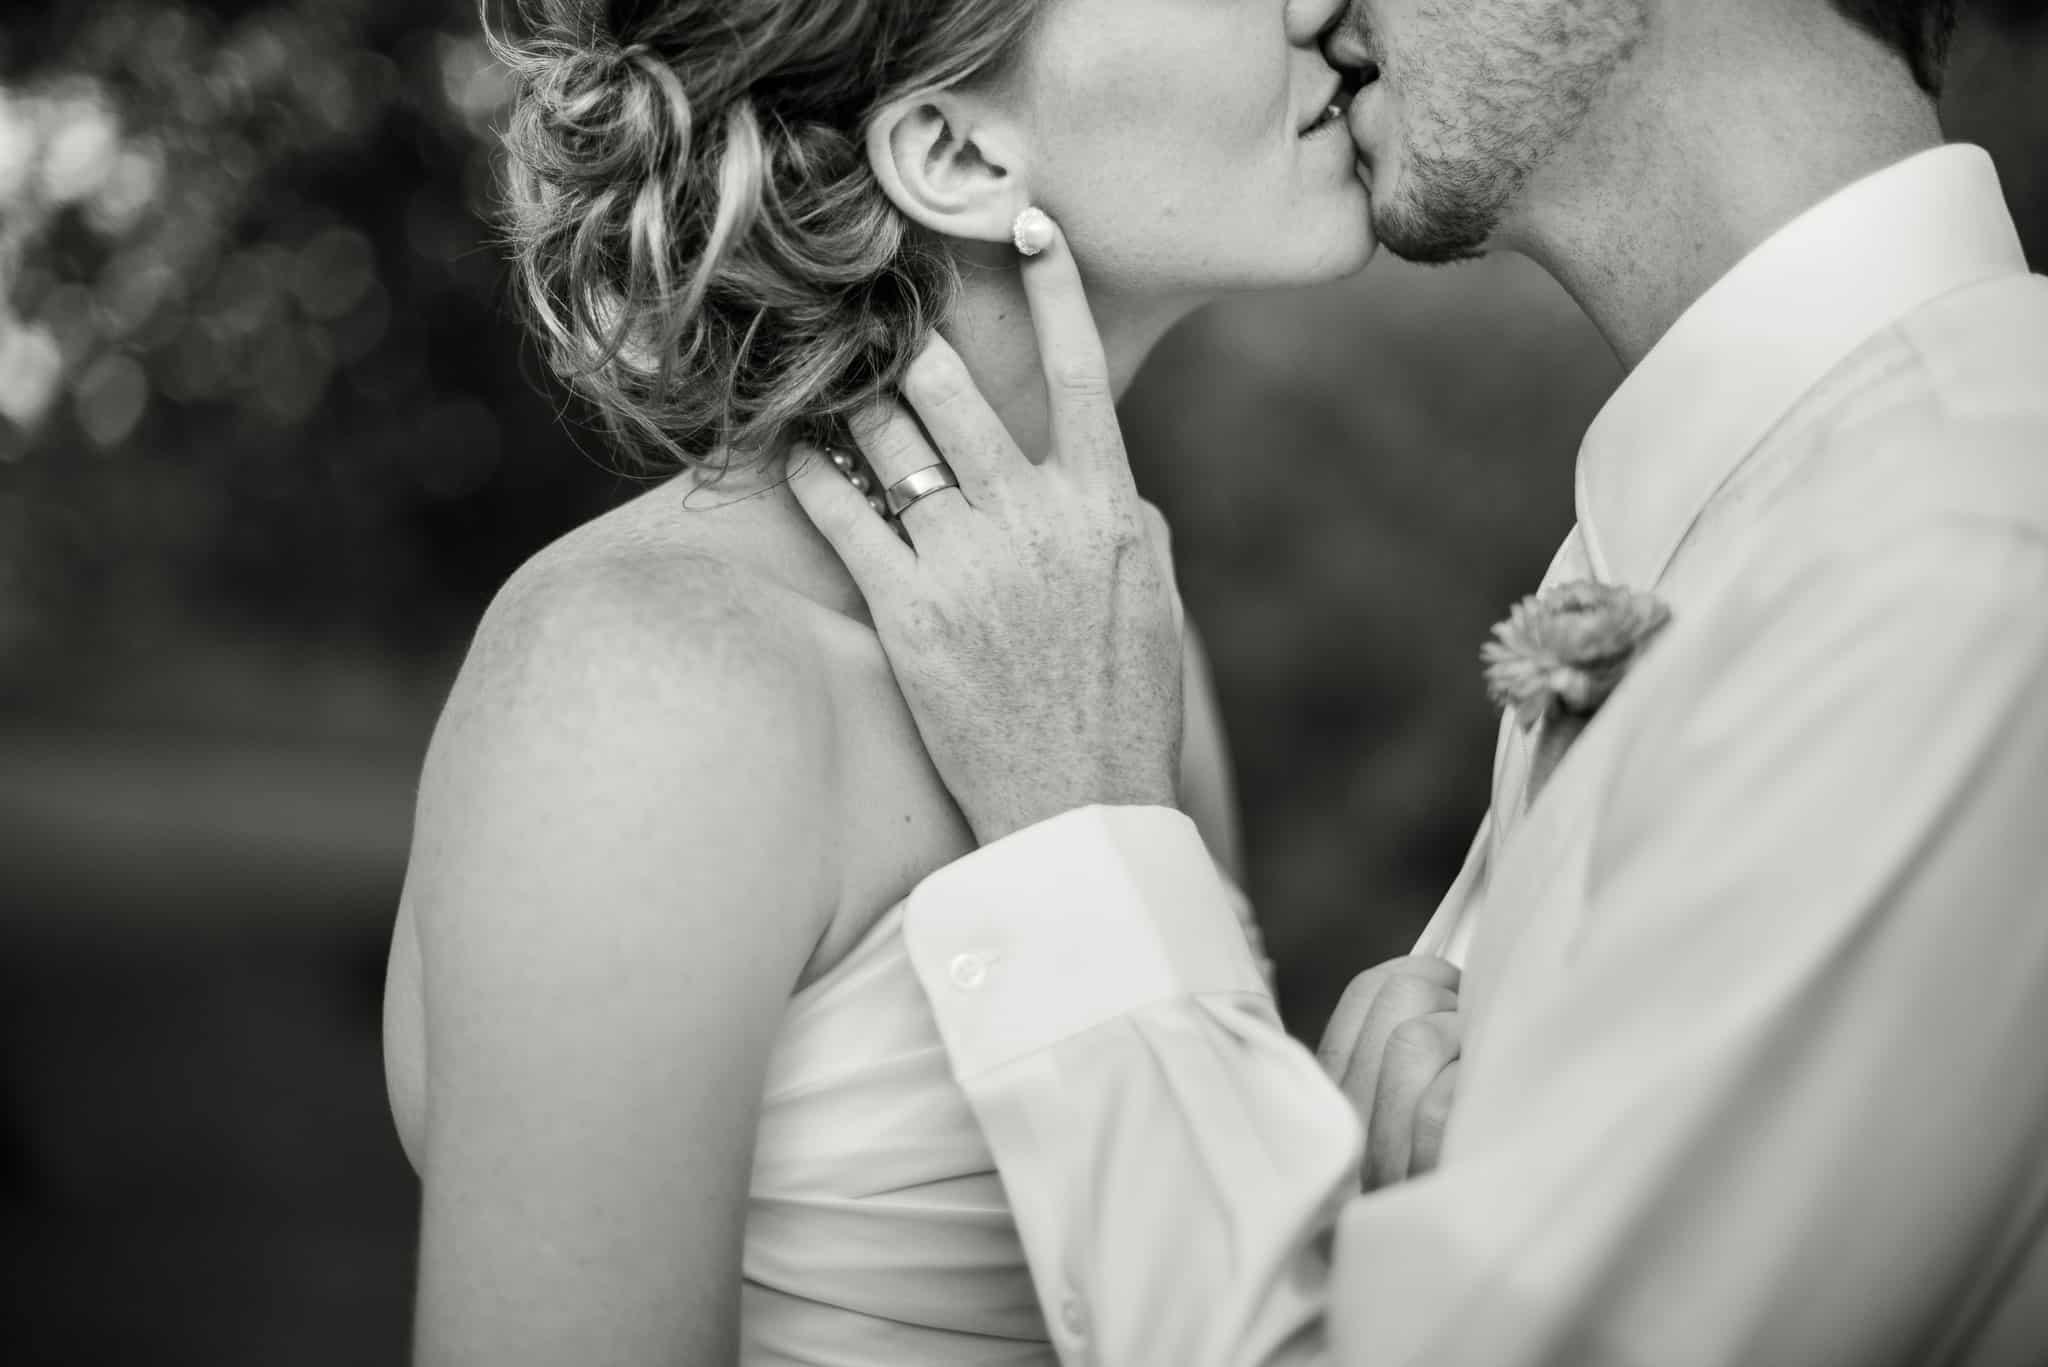 Фото как целуются, фото девок с похотливым взглядом